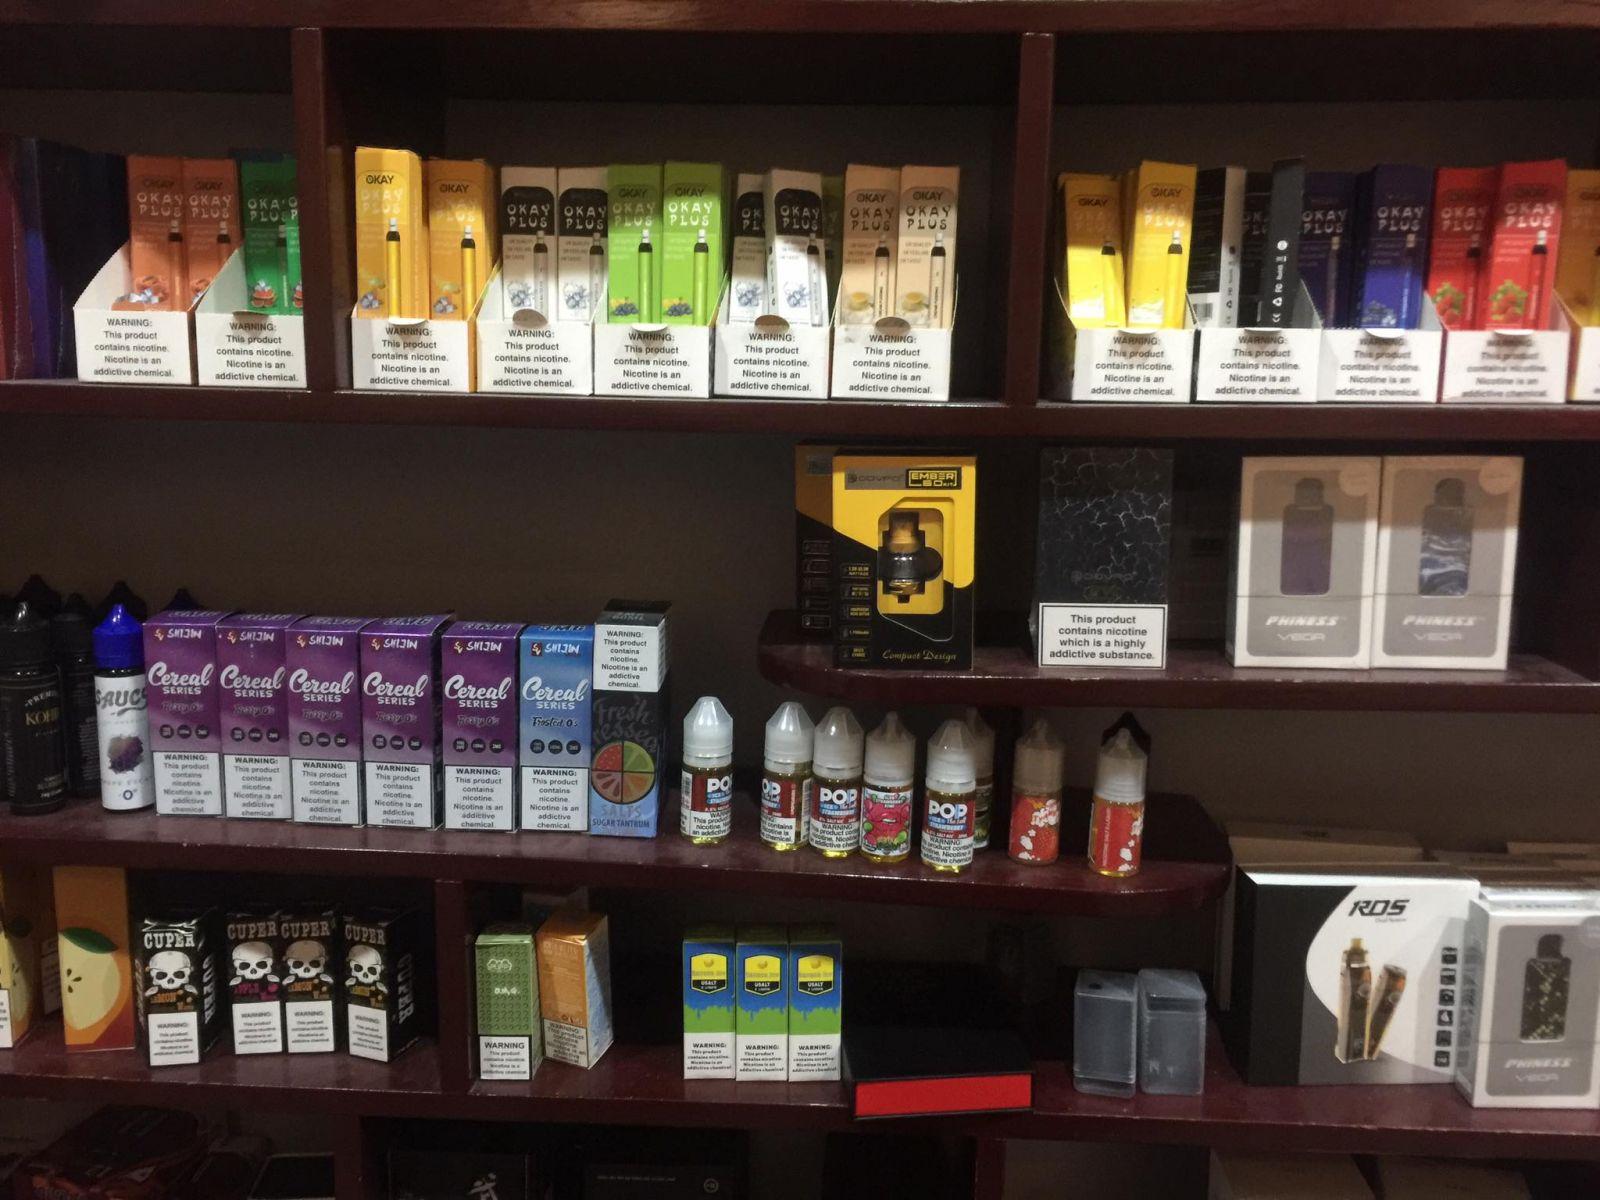 Các sản phẩm bày bán trên kệ của một shop Vape ở Đội Cấn.